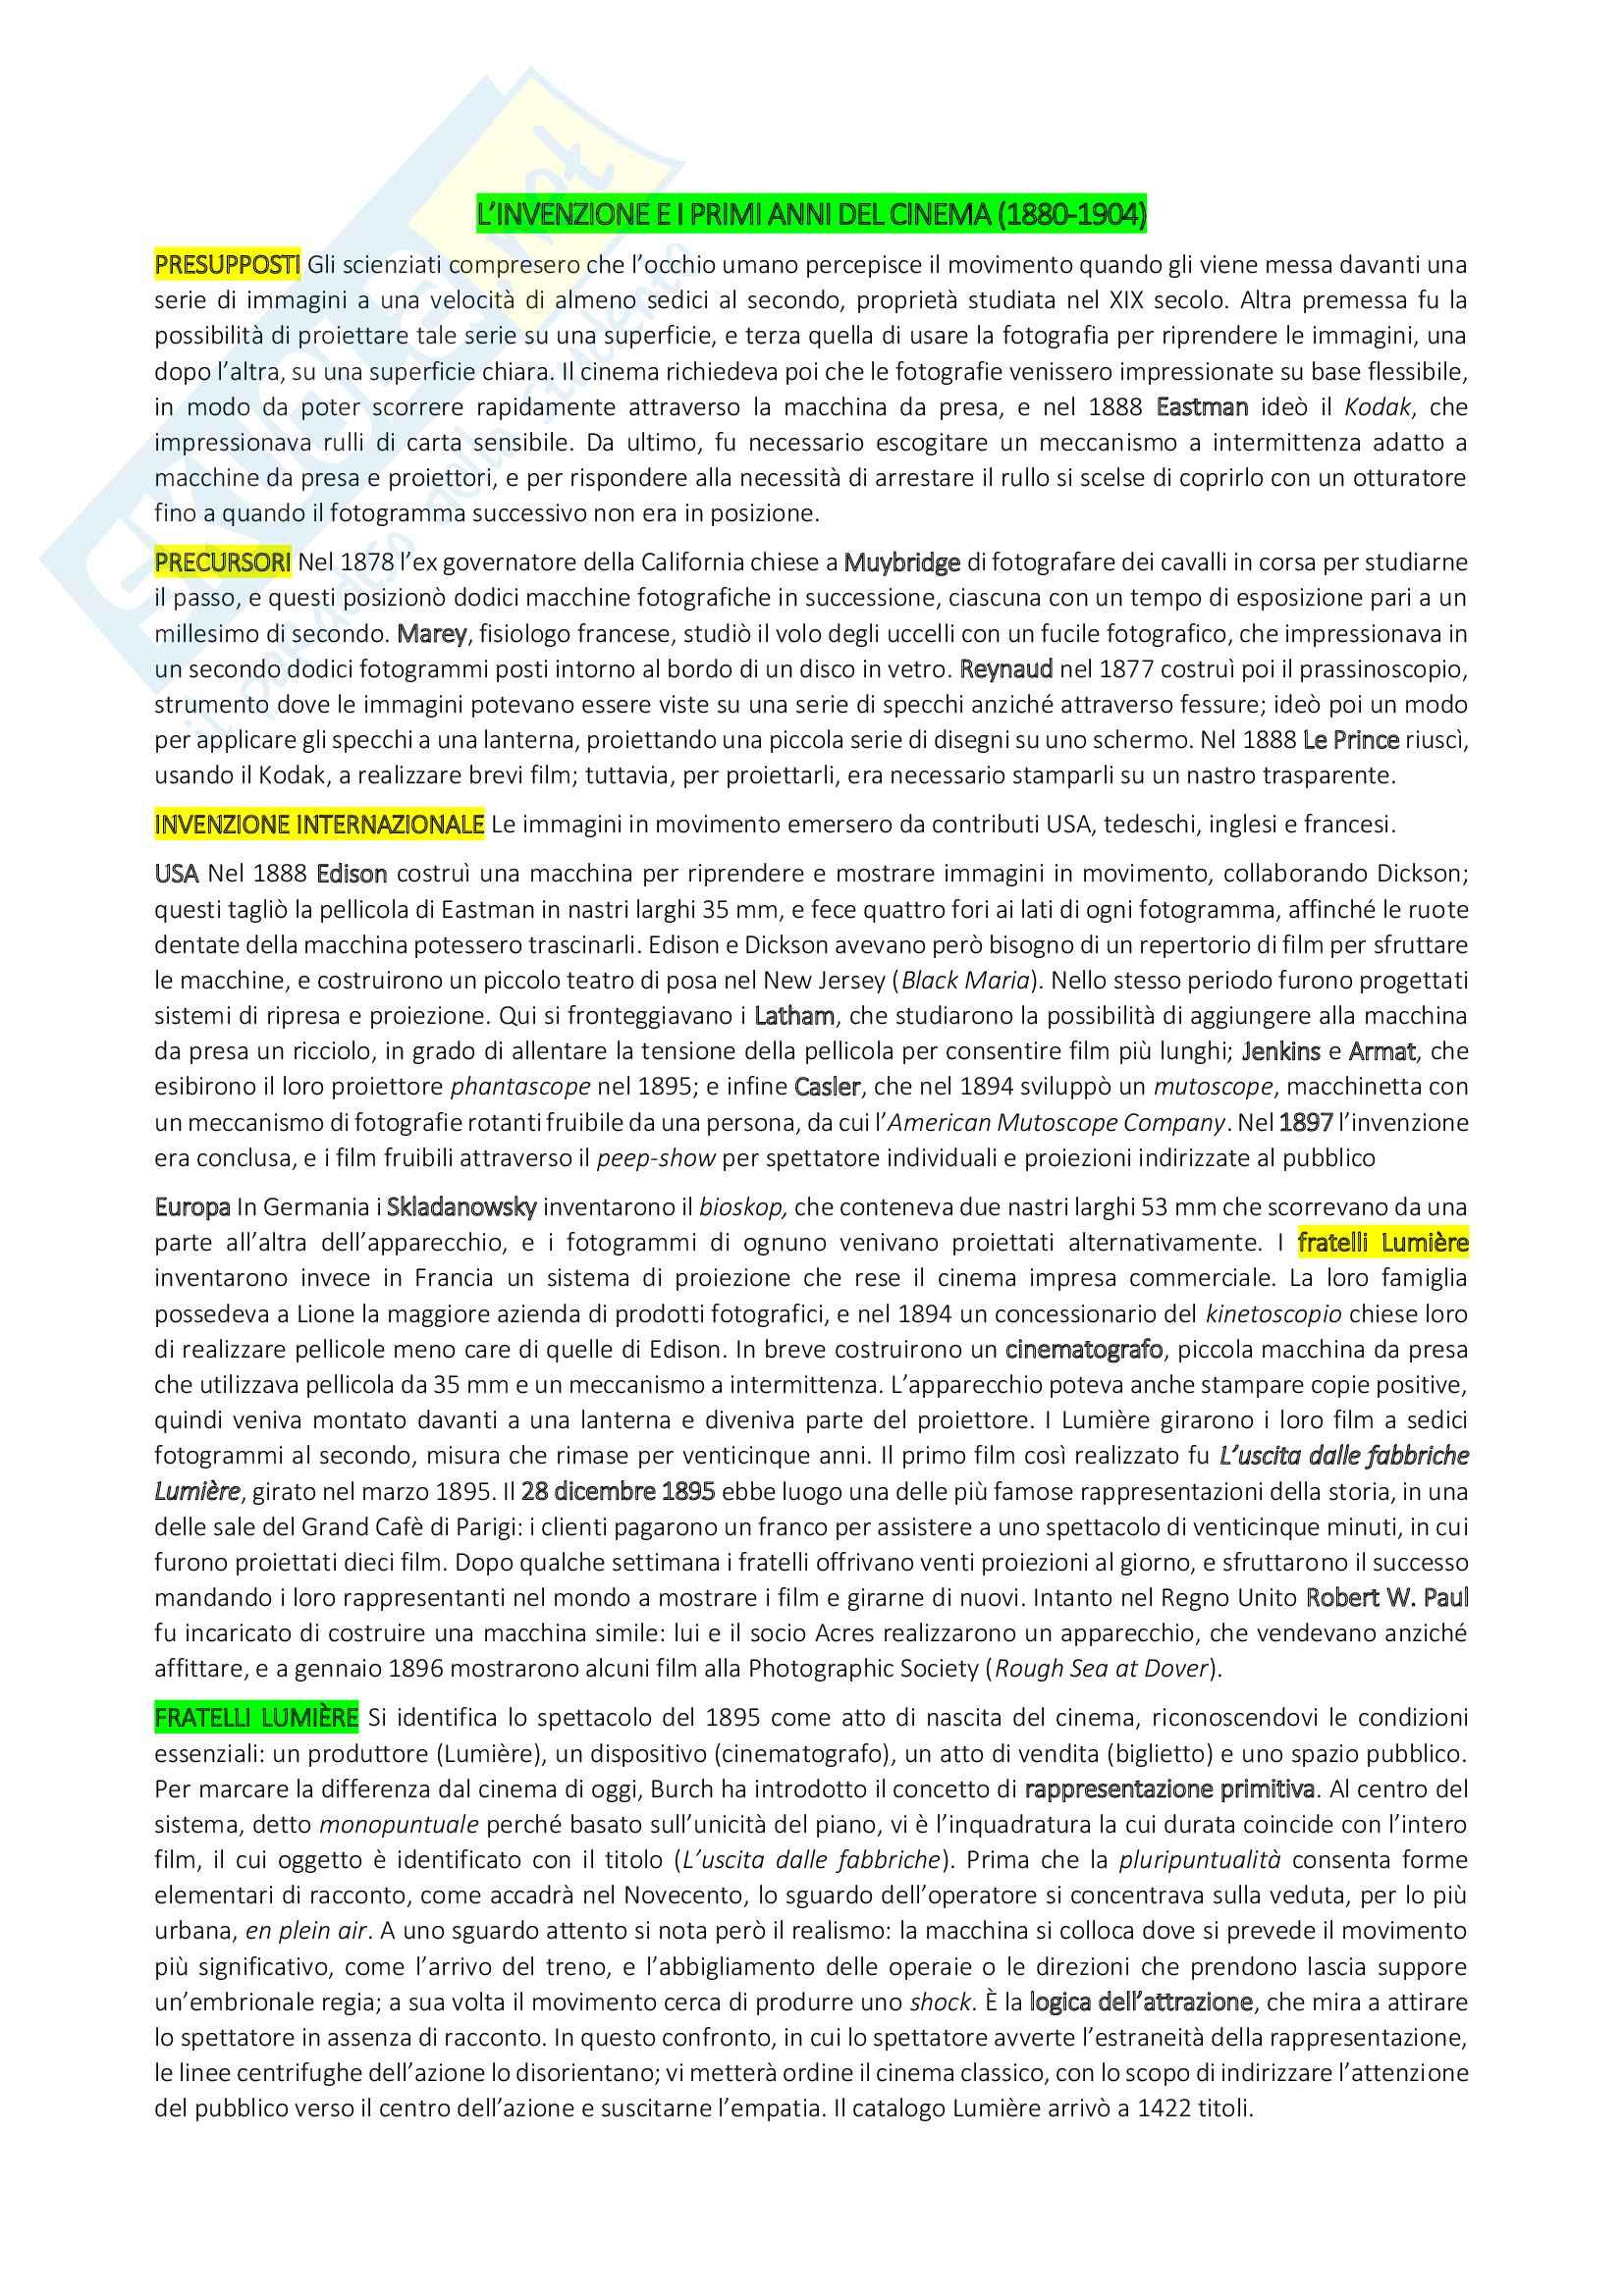 Riassunto Storia del cinema, prof. Bruni, libro consigliato Storia del cinema, un'introduzione di Thompson, Bordwell, Bruni